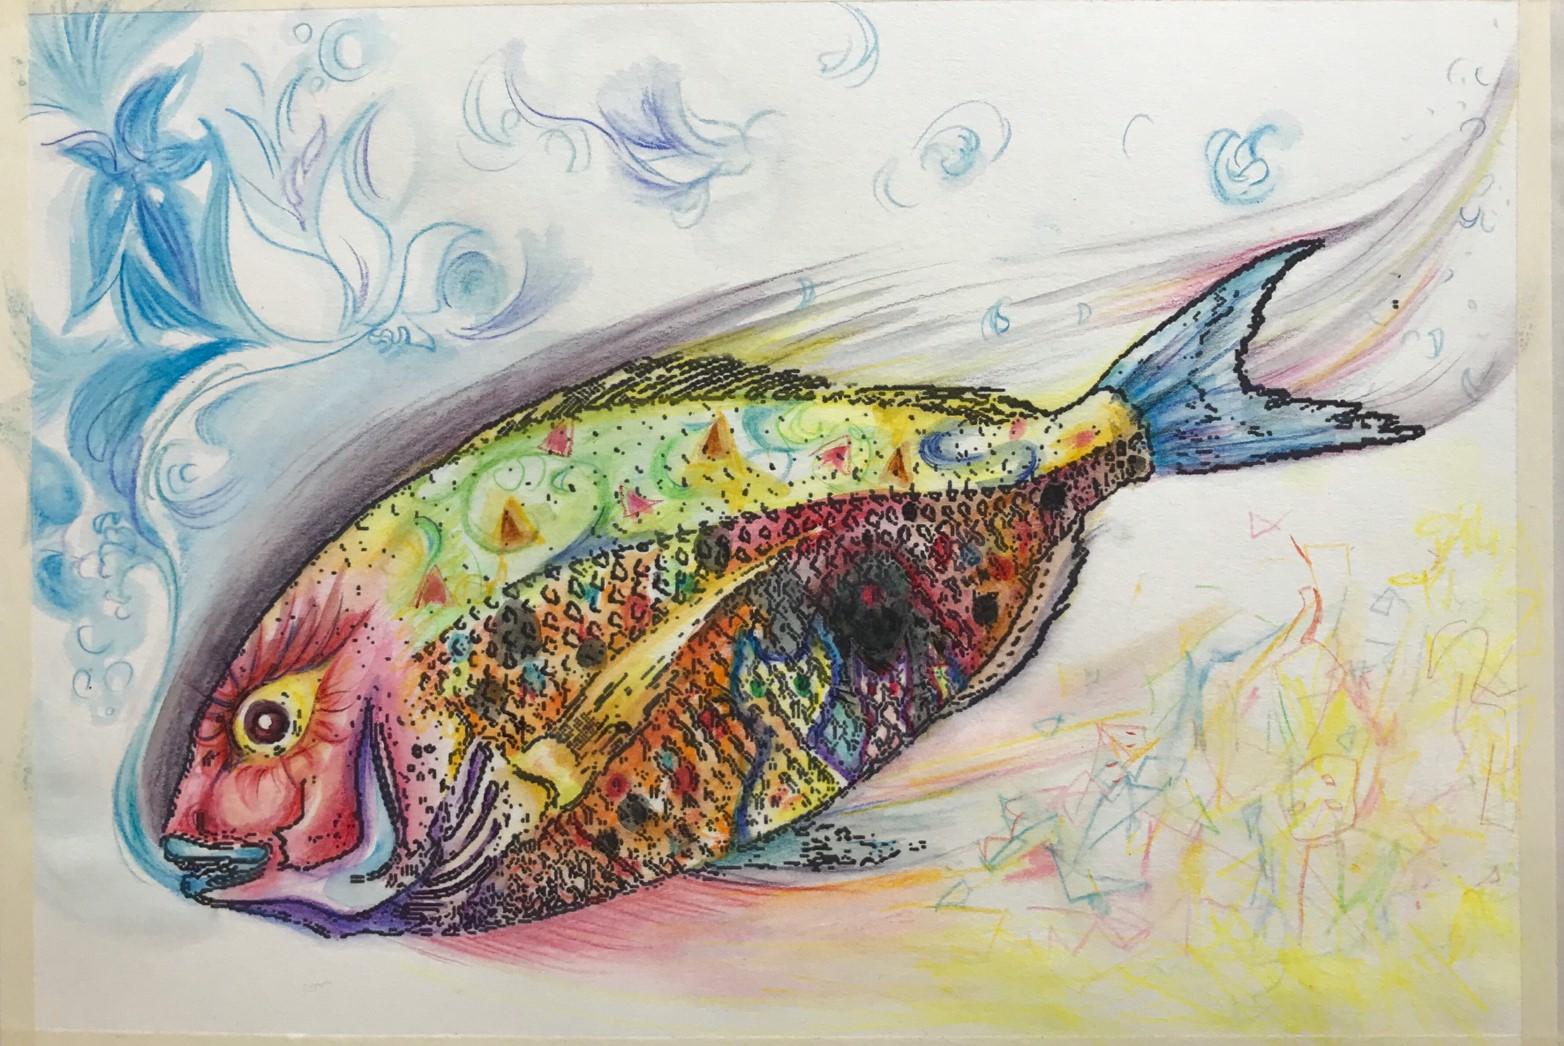 【絵画教室】ハートでアートにアタック第二弾